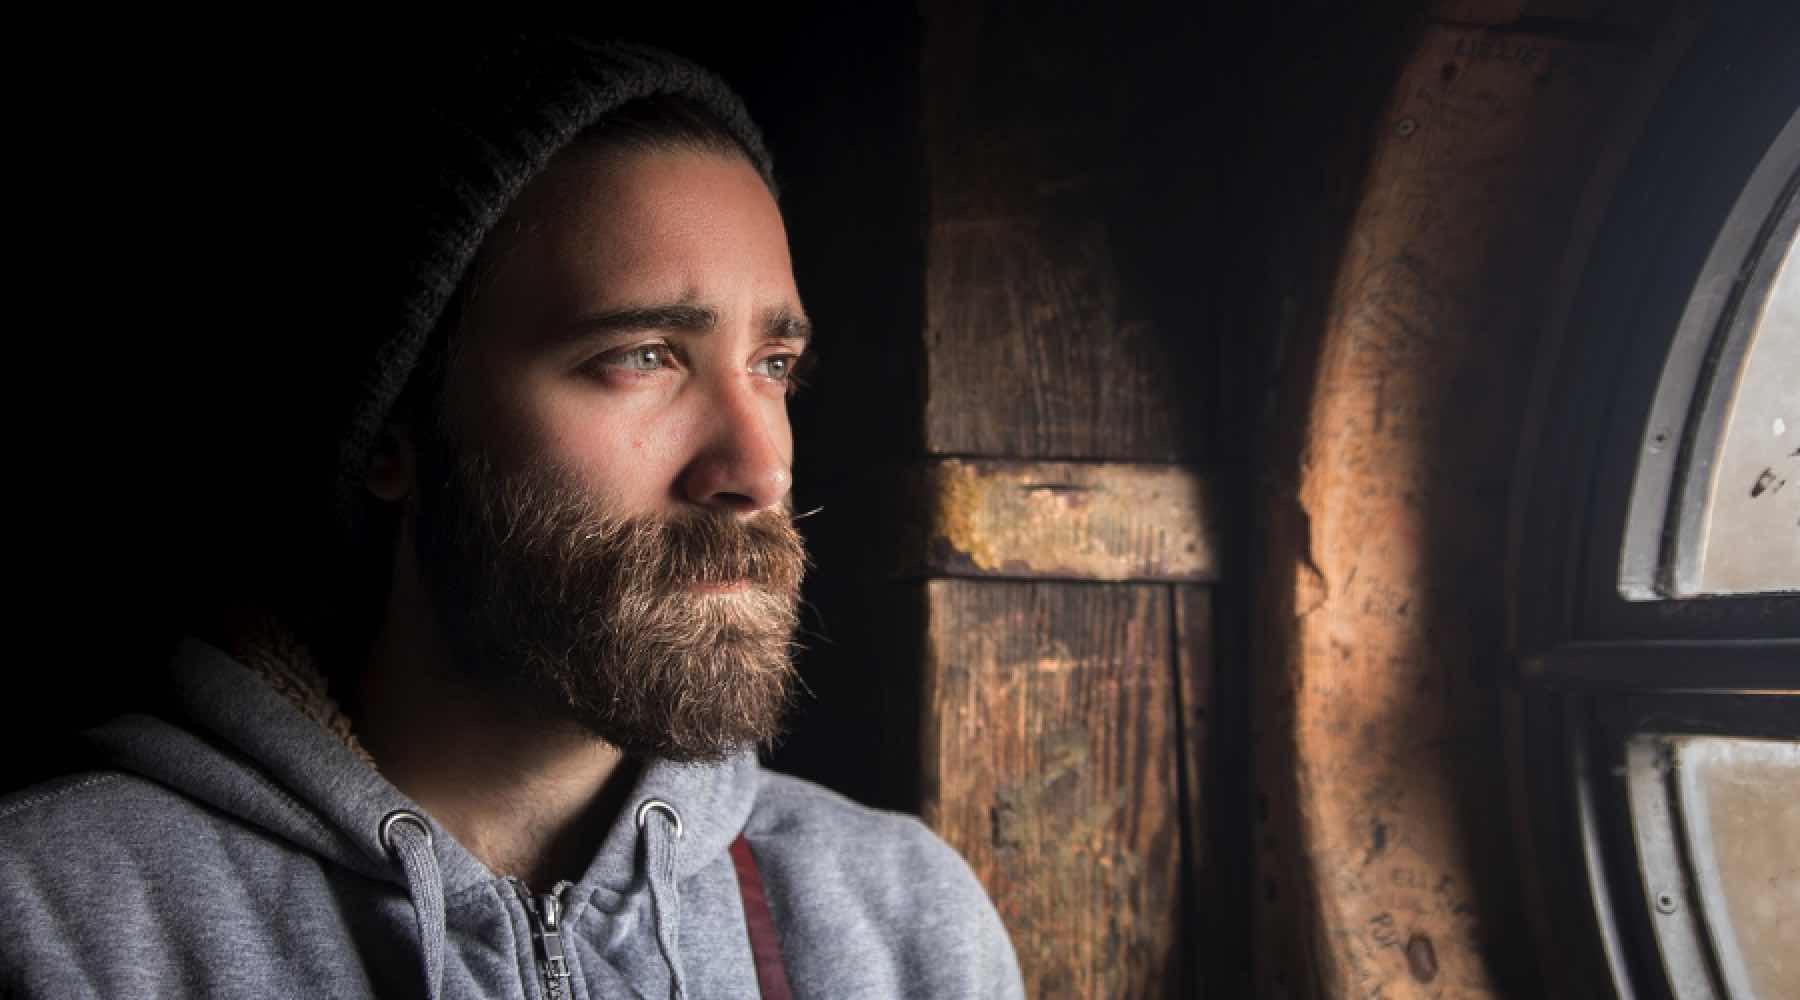 Wie wächst der Bart schneller? - maennerseite.ch